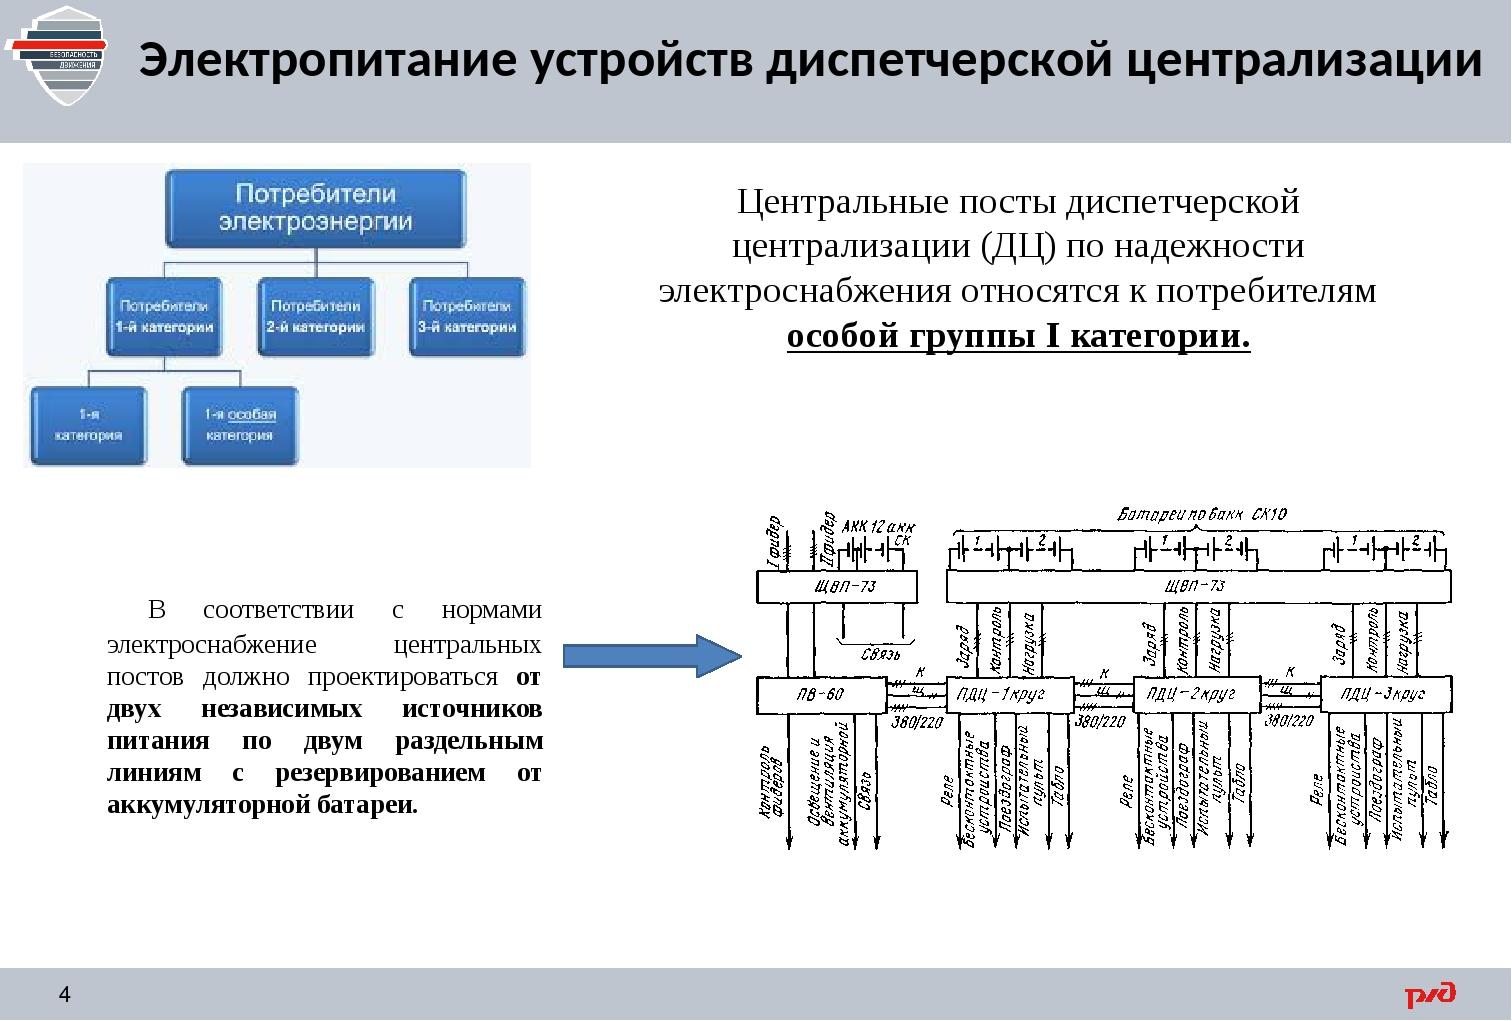 В соответствии с нормами электроснабжение центральных постов должно проектир...